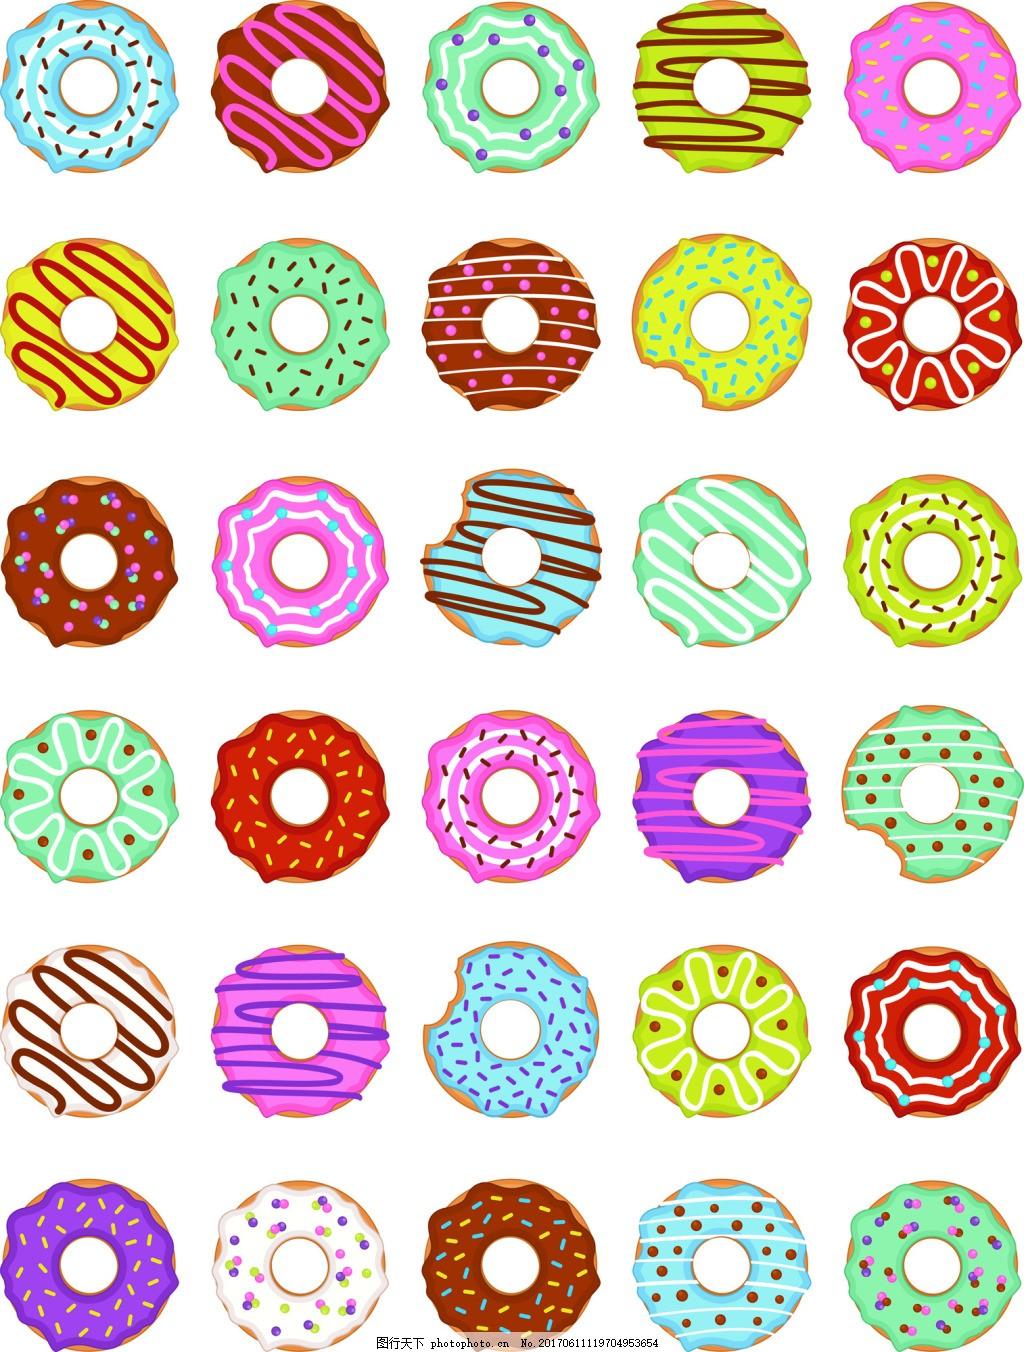 卡通甜蜜甜甜圈手绘卡通矢量图